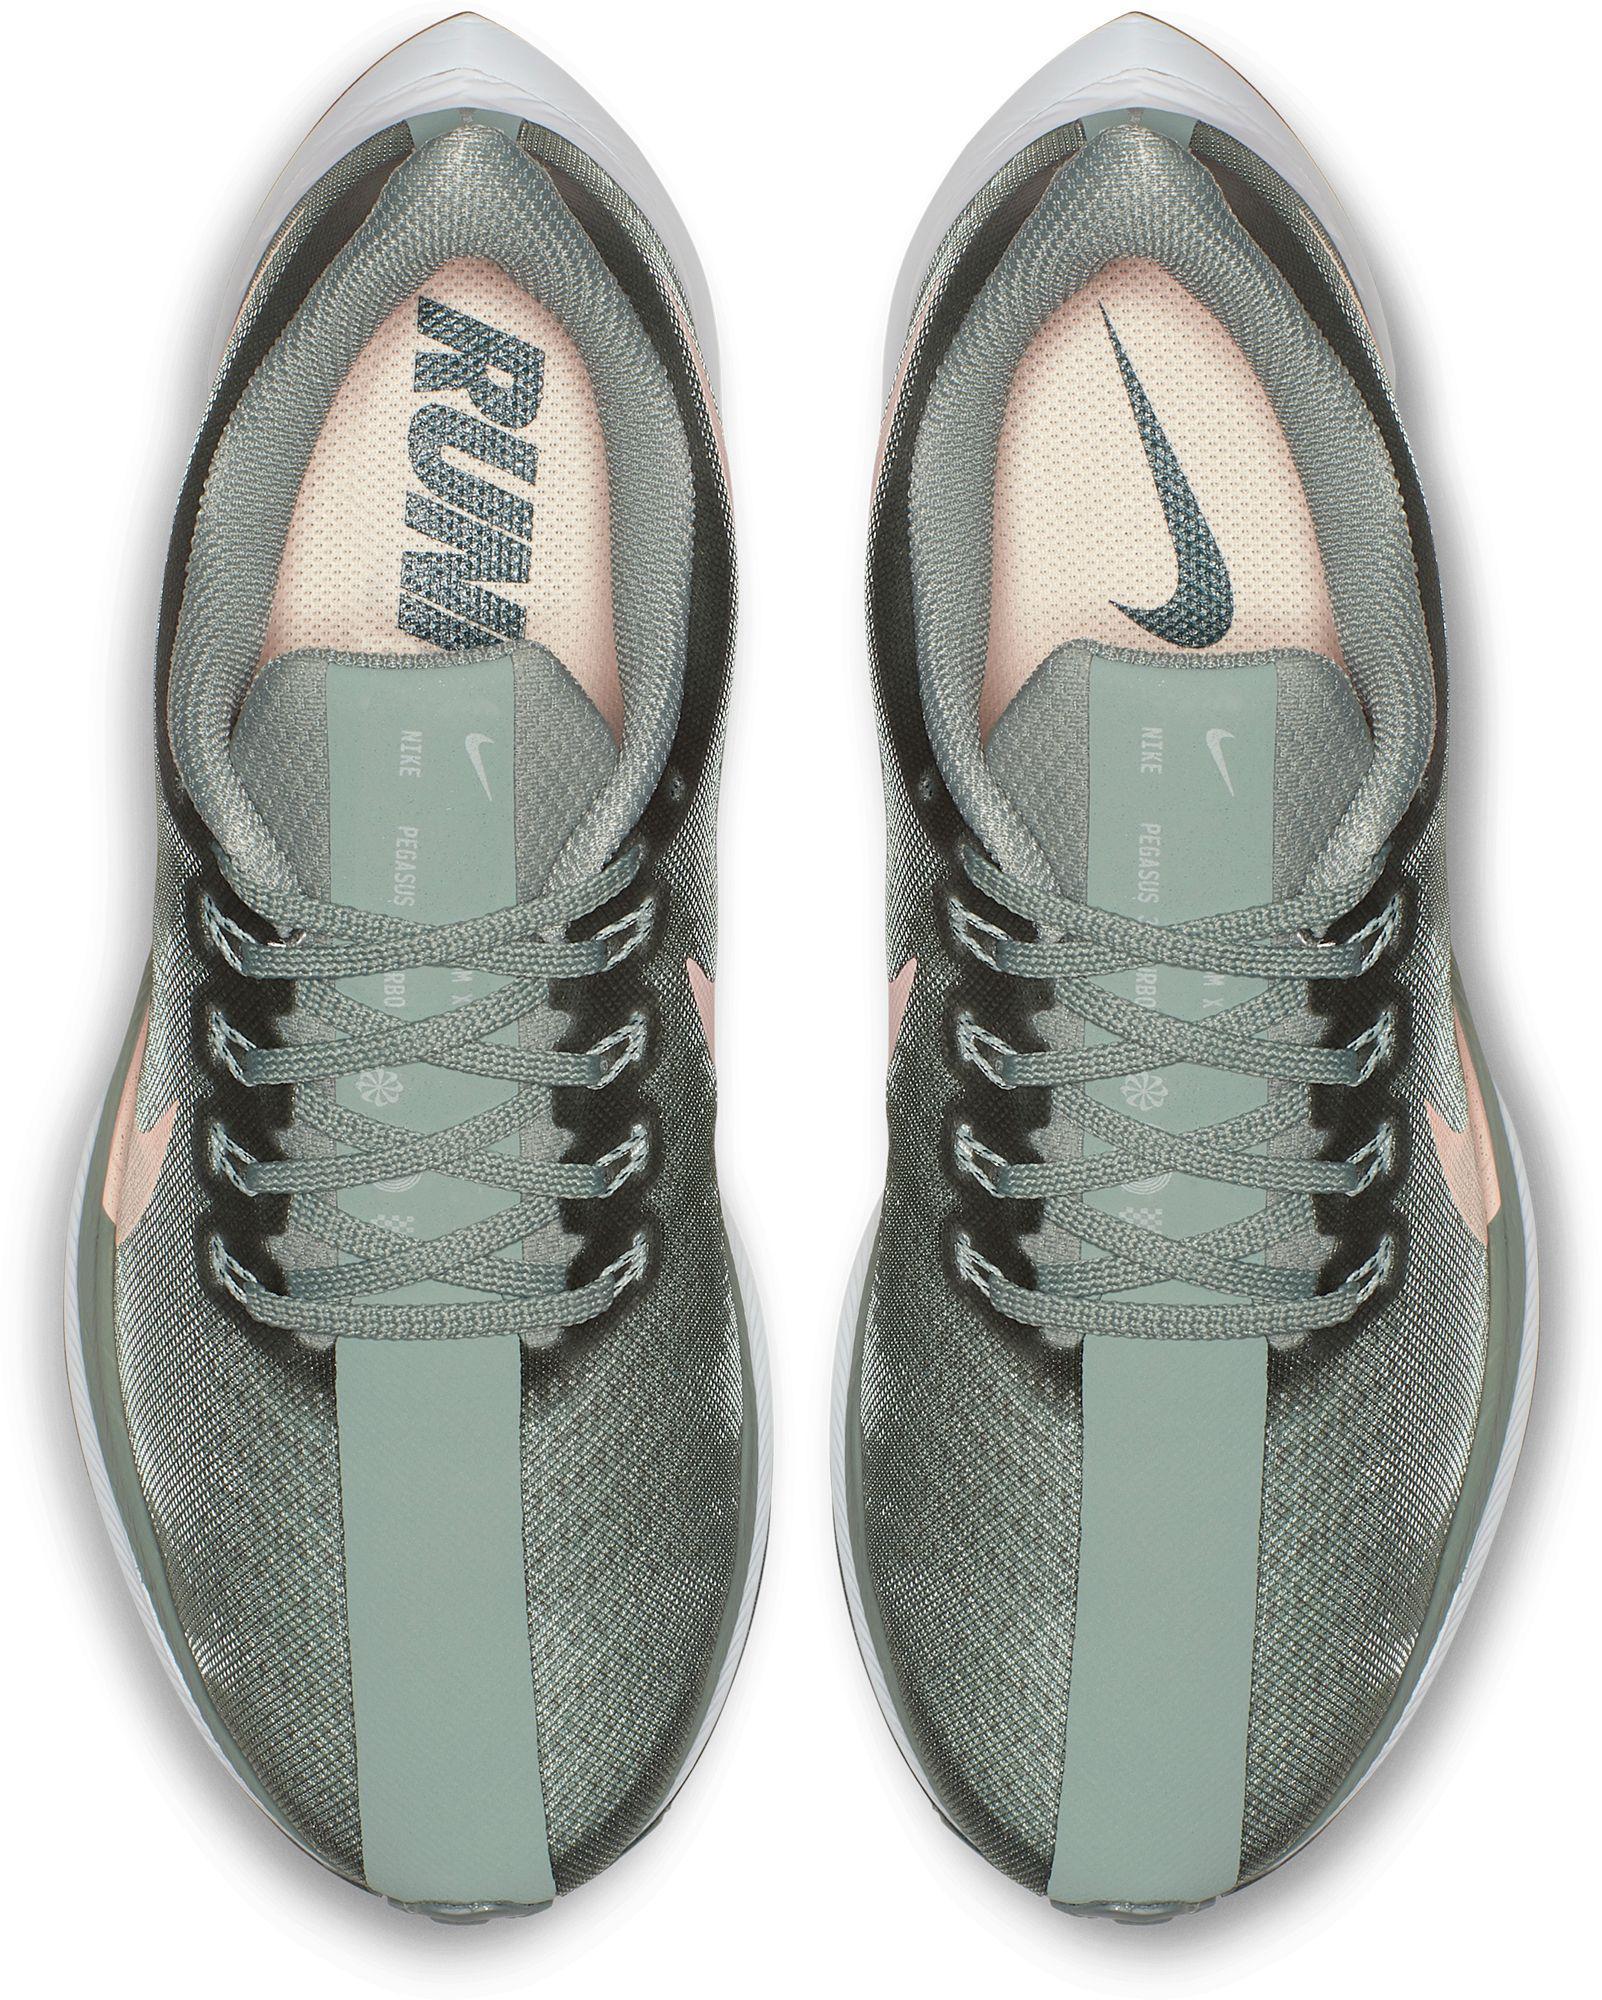 Nike Zoom Pegasus 35 Turbo in 2019 | Nike shoes, Sneakers